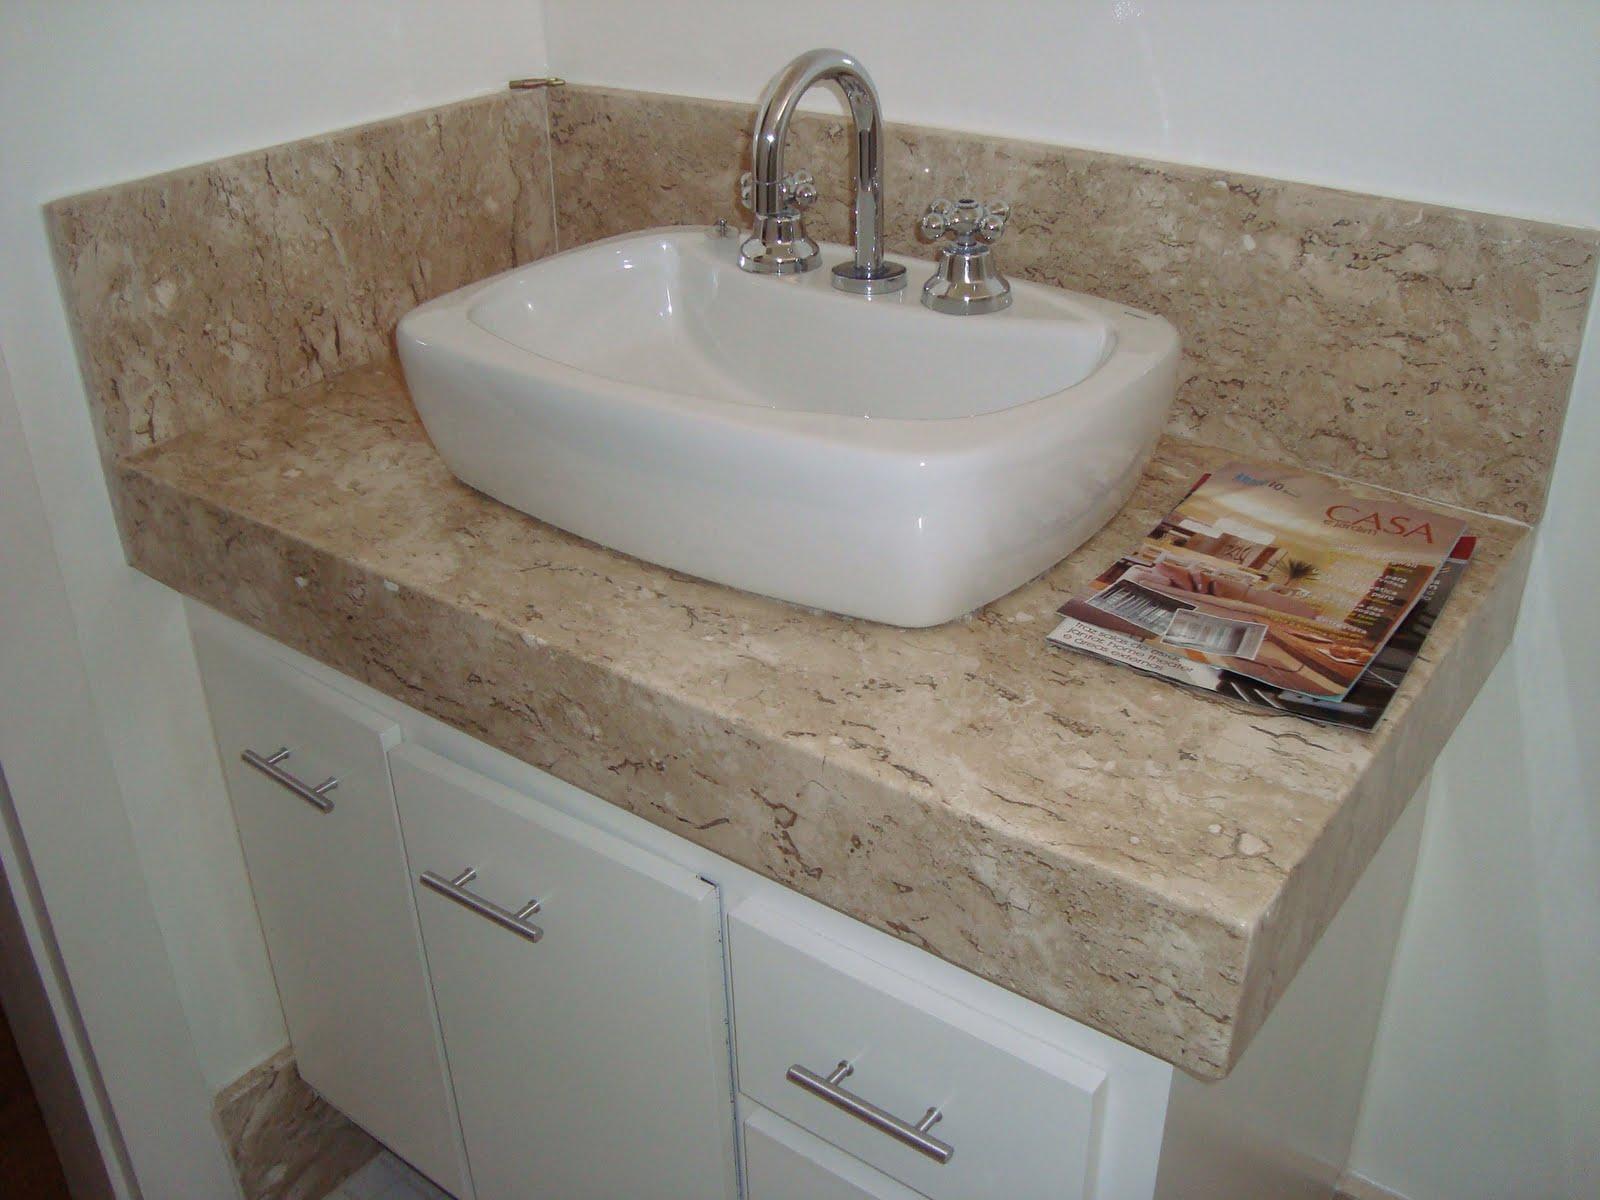 Construindo Minha Casa Clean Banheiros e Lavabos! Maravilhosos!!! -> Gabinete De Banheiro Travertino